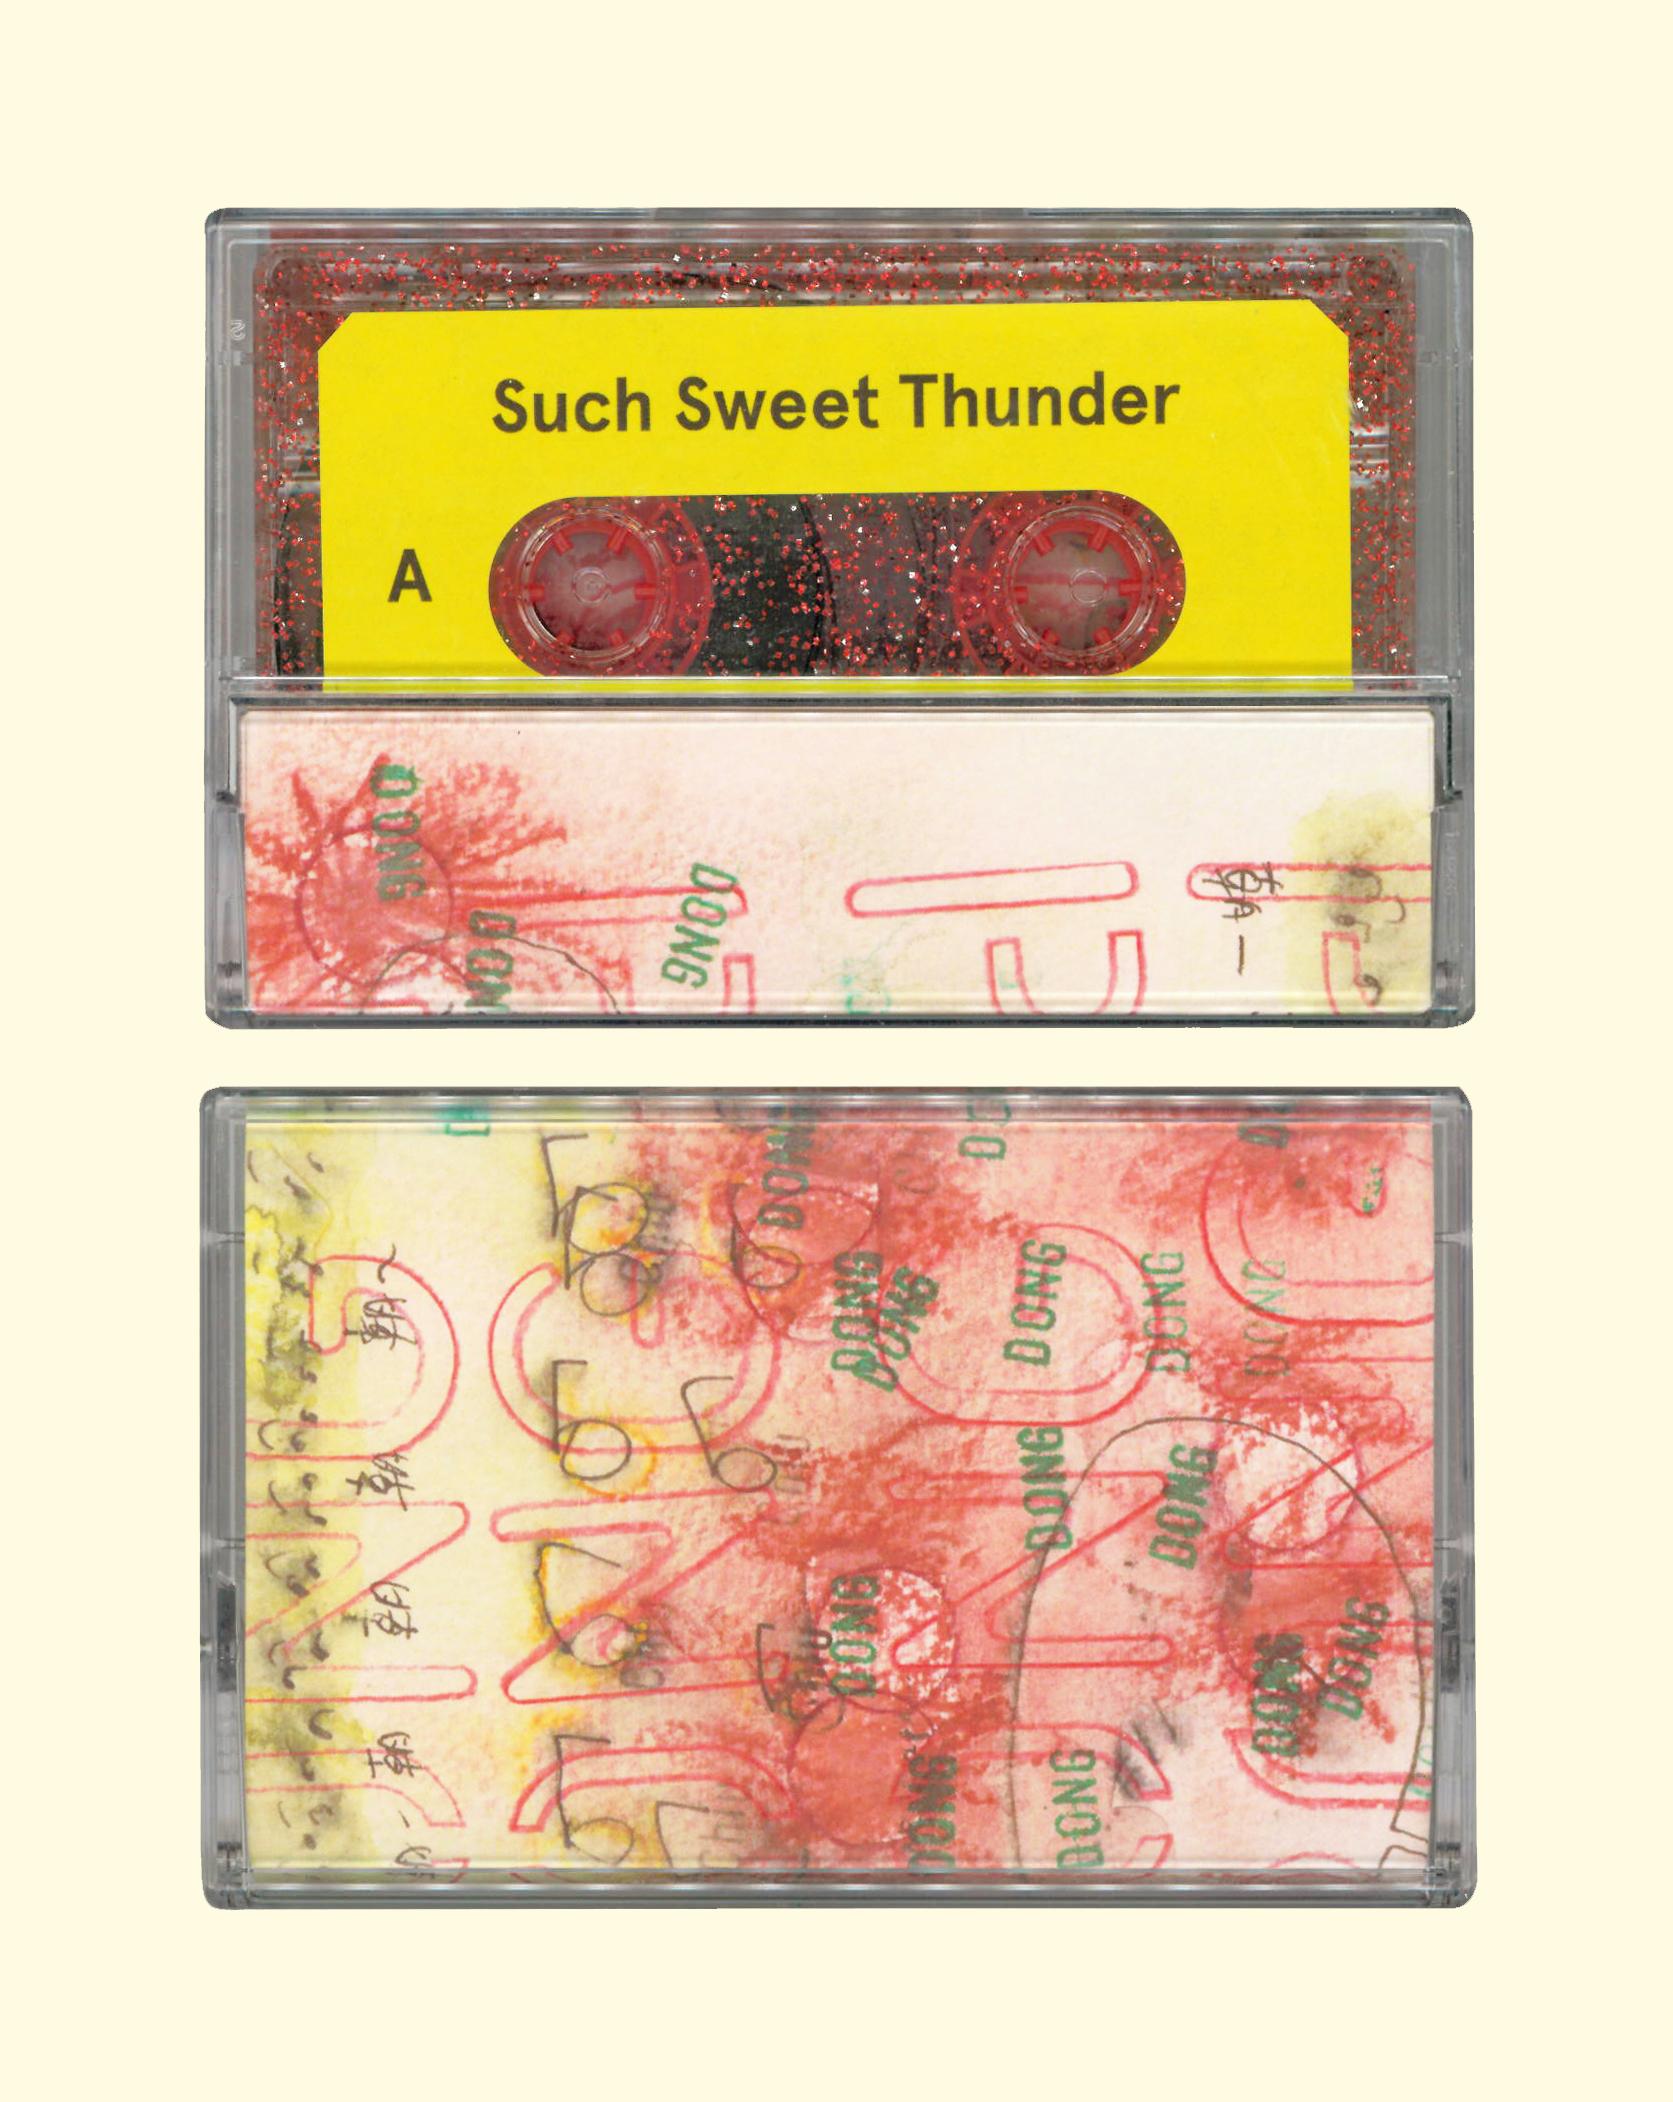 Such Sweet Thunder (Cassette) - Samson Young. Hong Kong: M+, 2017.